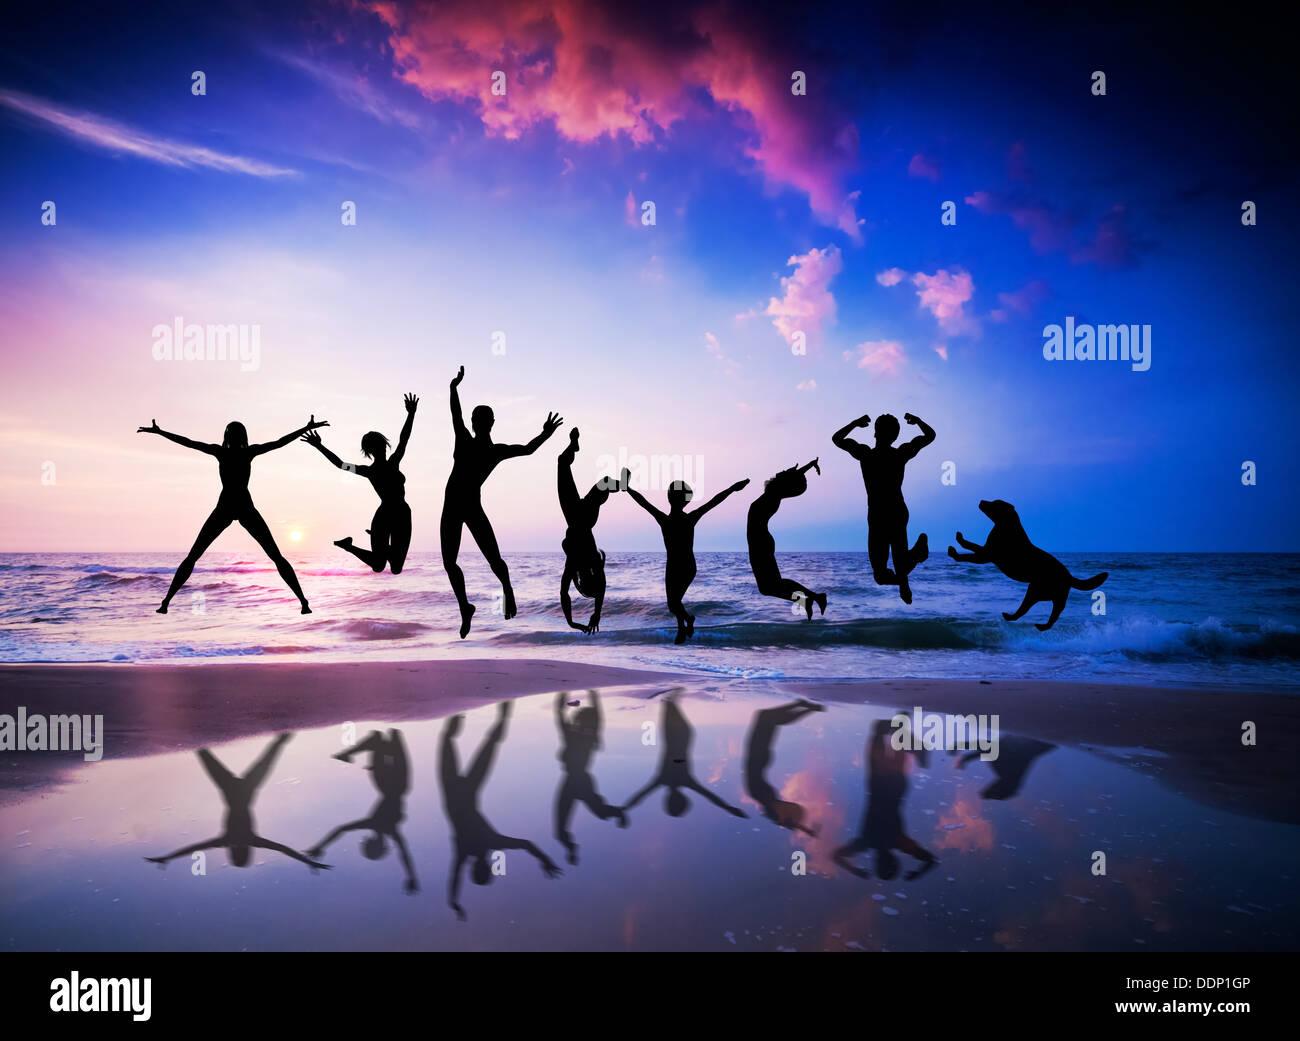 La gente feliz y perro saltando juntos en el sunset beach Imagen De Stock